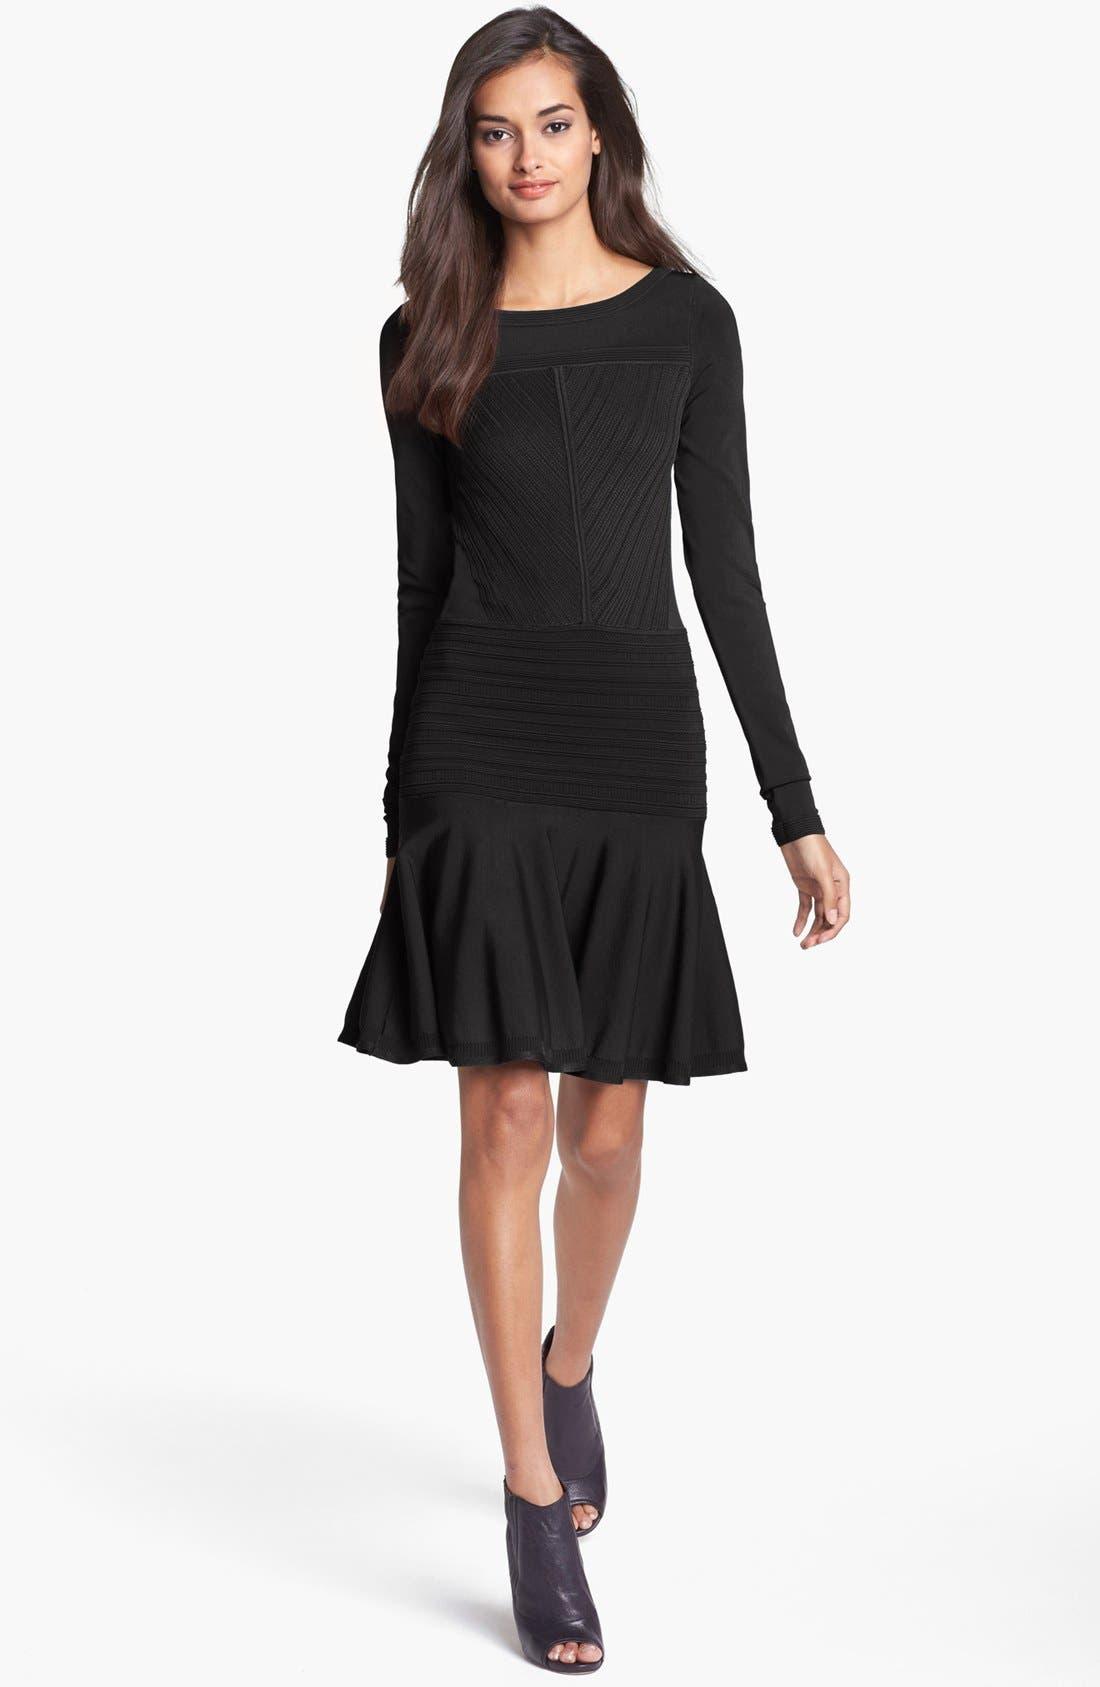 Main Image - Diane von Furstenberg 'Delta' Knit A-Line Dress